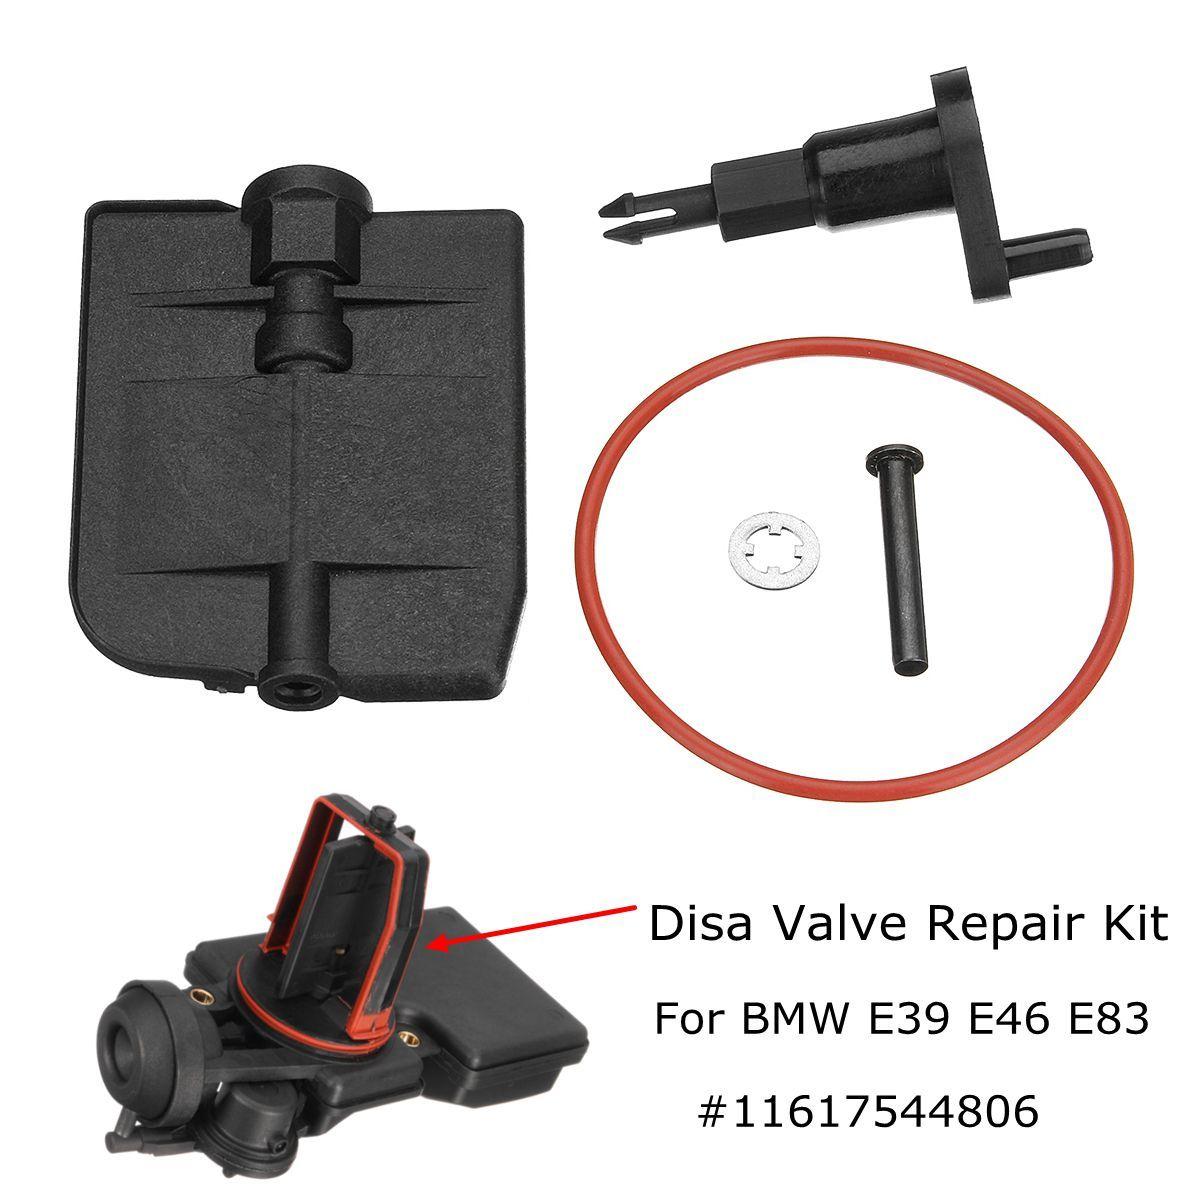 11617544806 Saugrohr DISA Ventil Reparatur Kit für BMW E39 E46 E83 325i 525i M54 2,5 2001-2006